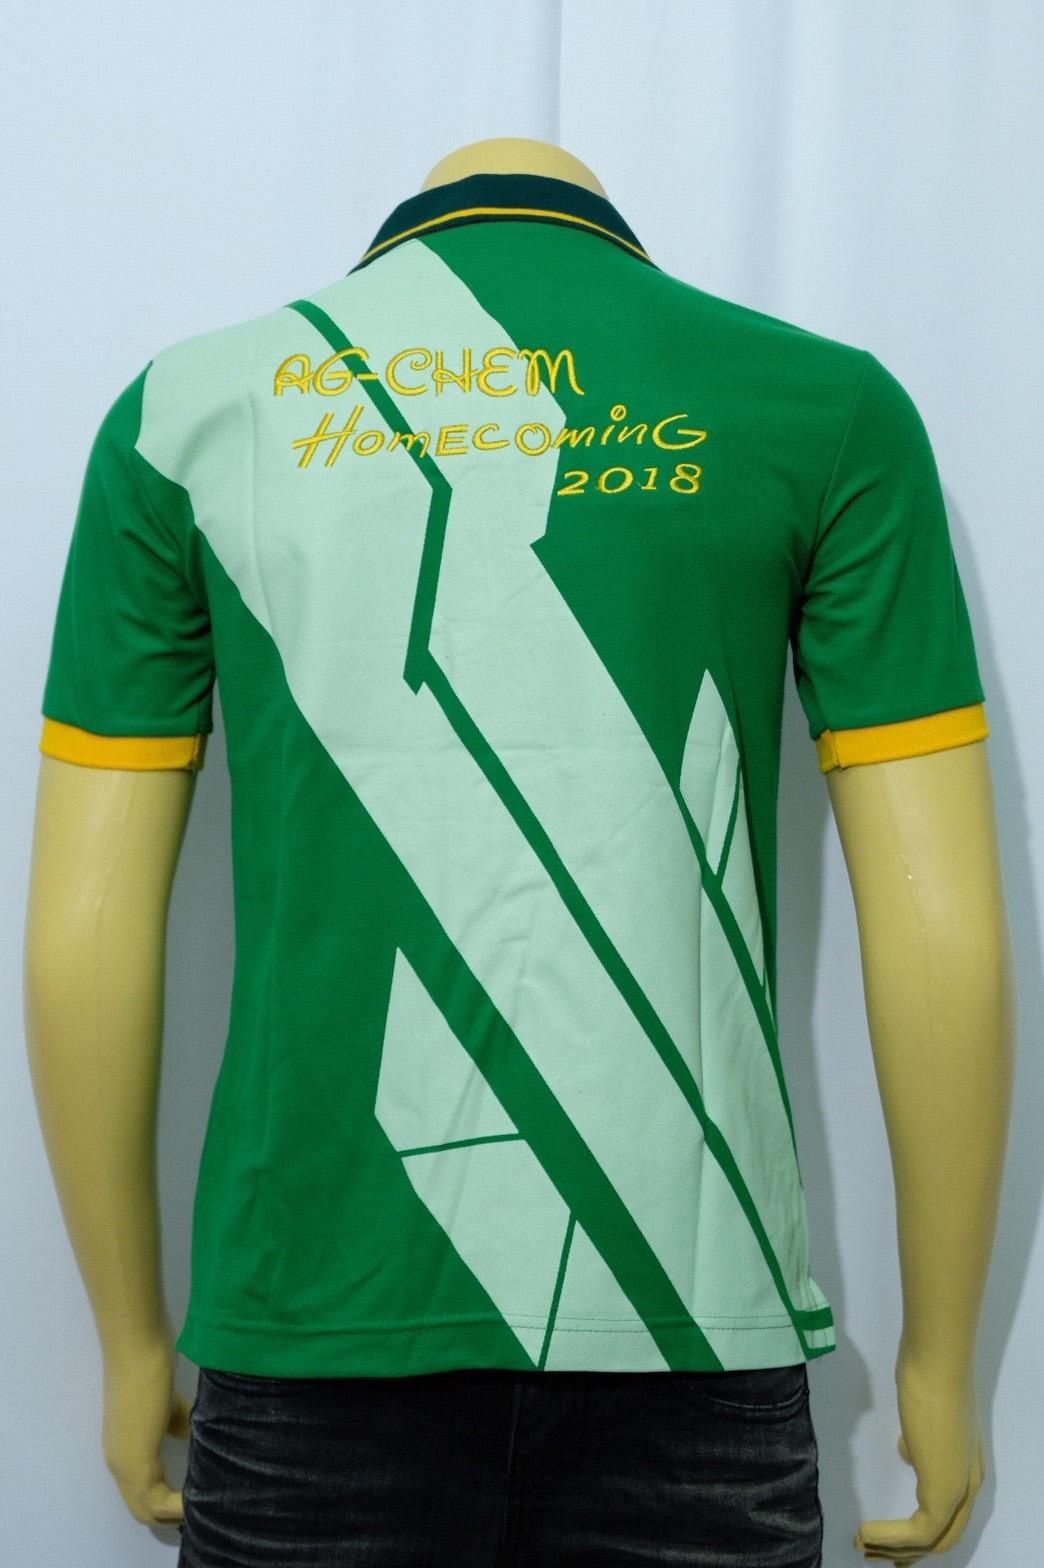 เสื้อโปโลสีเขียว พร้อมปักลาย